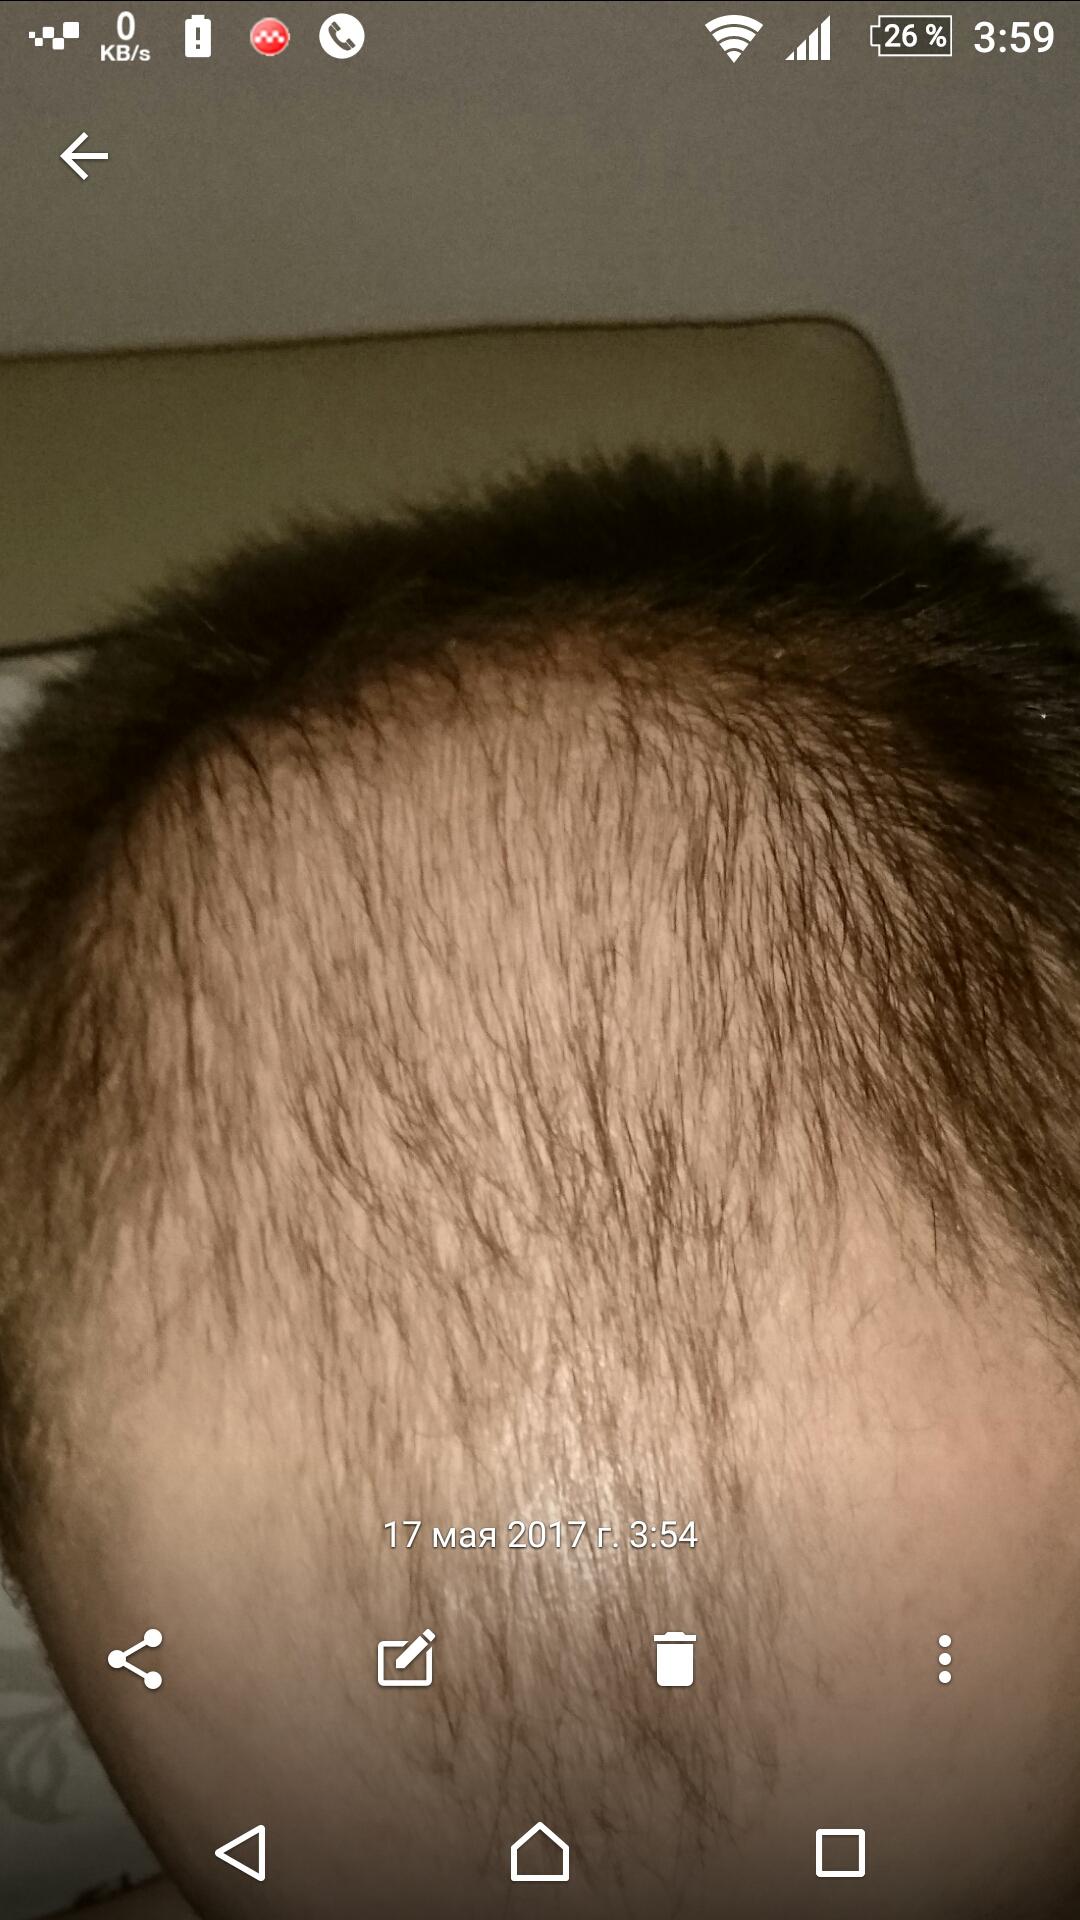 Что почему в попе растут волосы